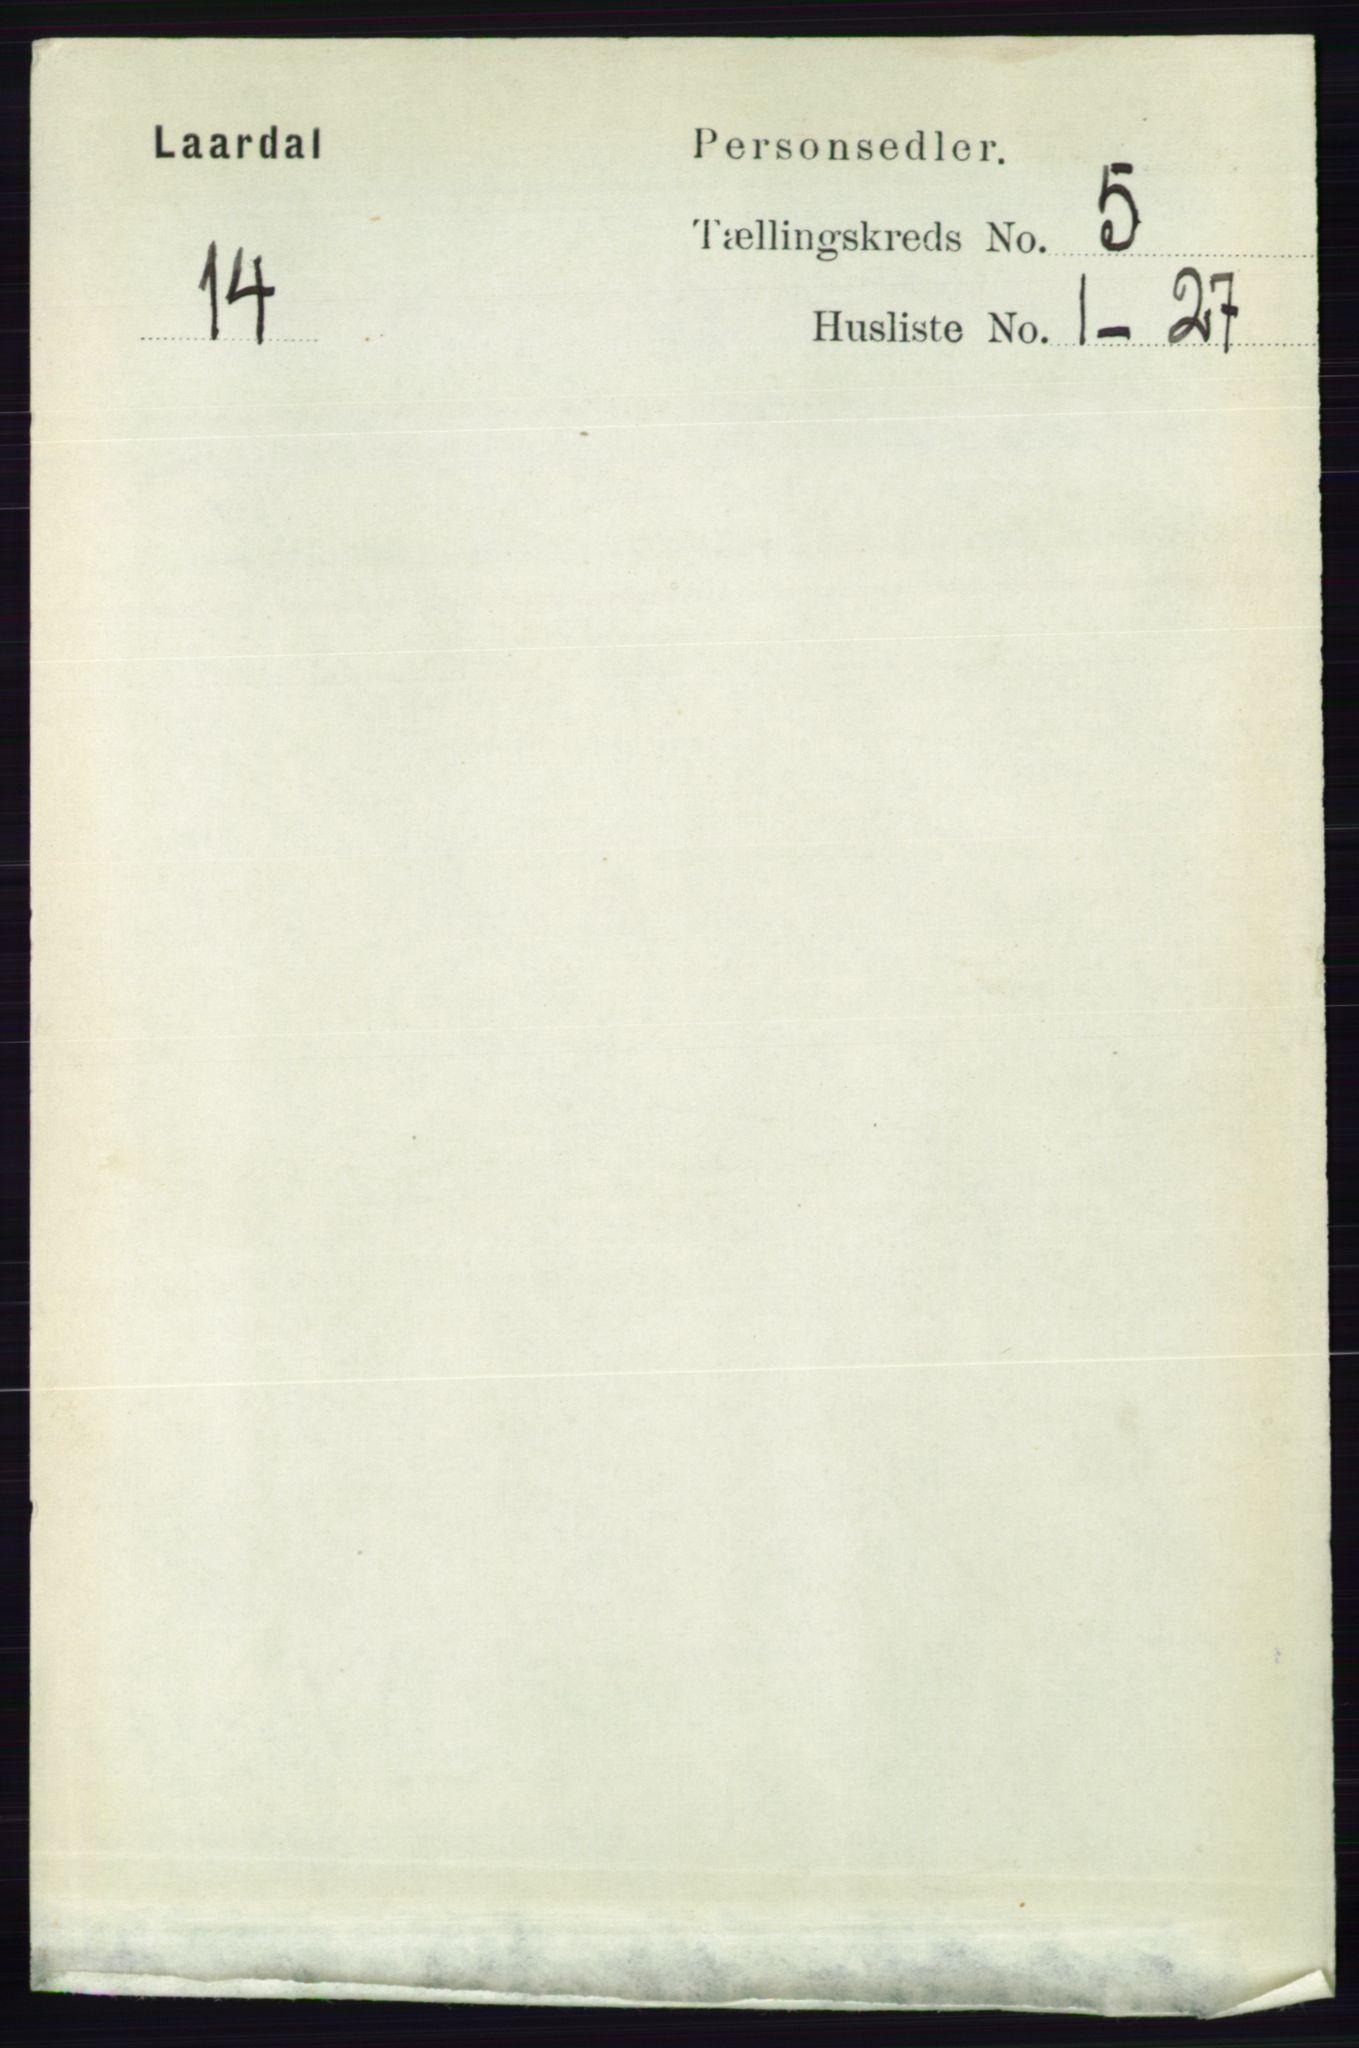 RA, Folketelling 1891 for 0833 Lårdal herred, 1891, s. 1334